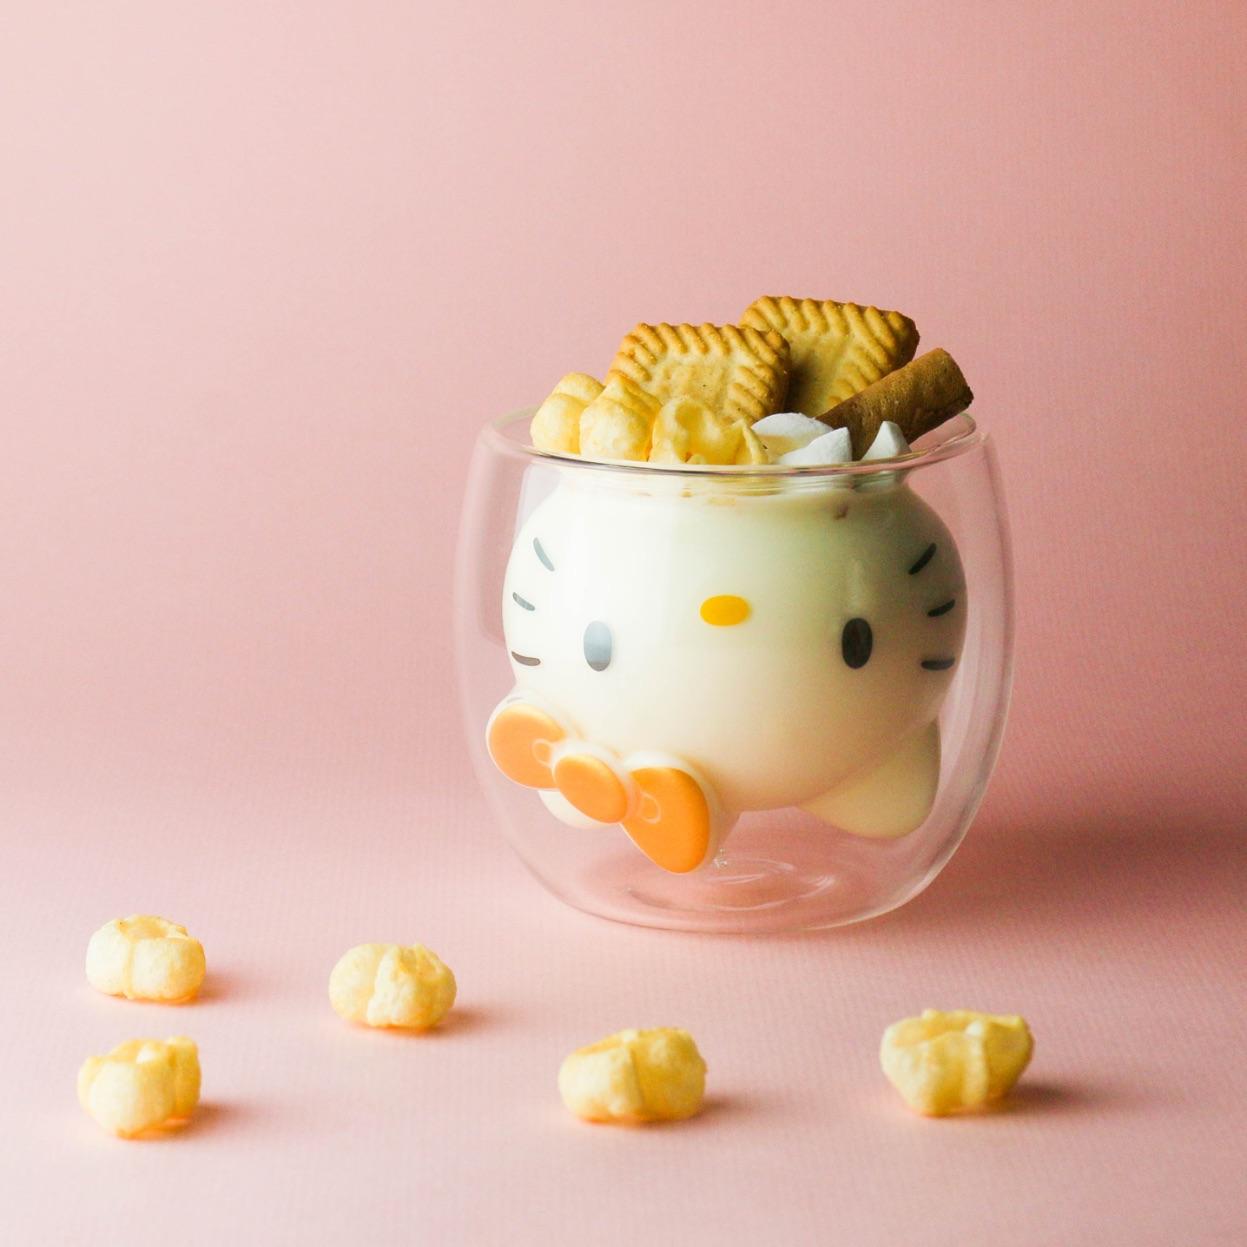 ハローキティ ダブルウォールグラス Hello Kitty Double Wall Glass 凯蒂貓 玻璃2